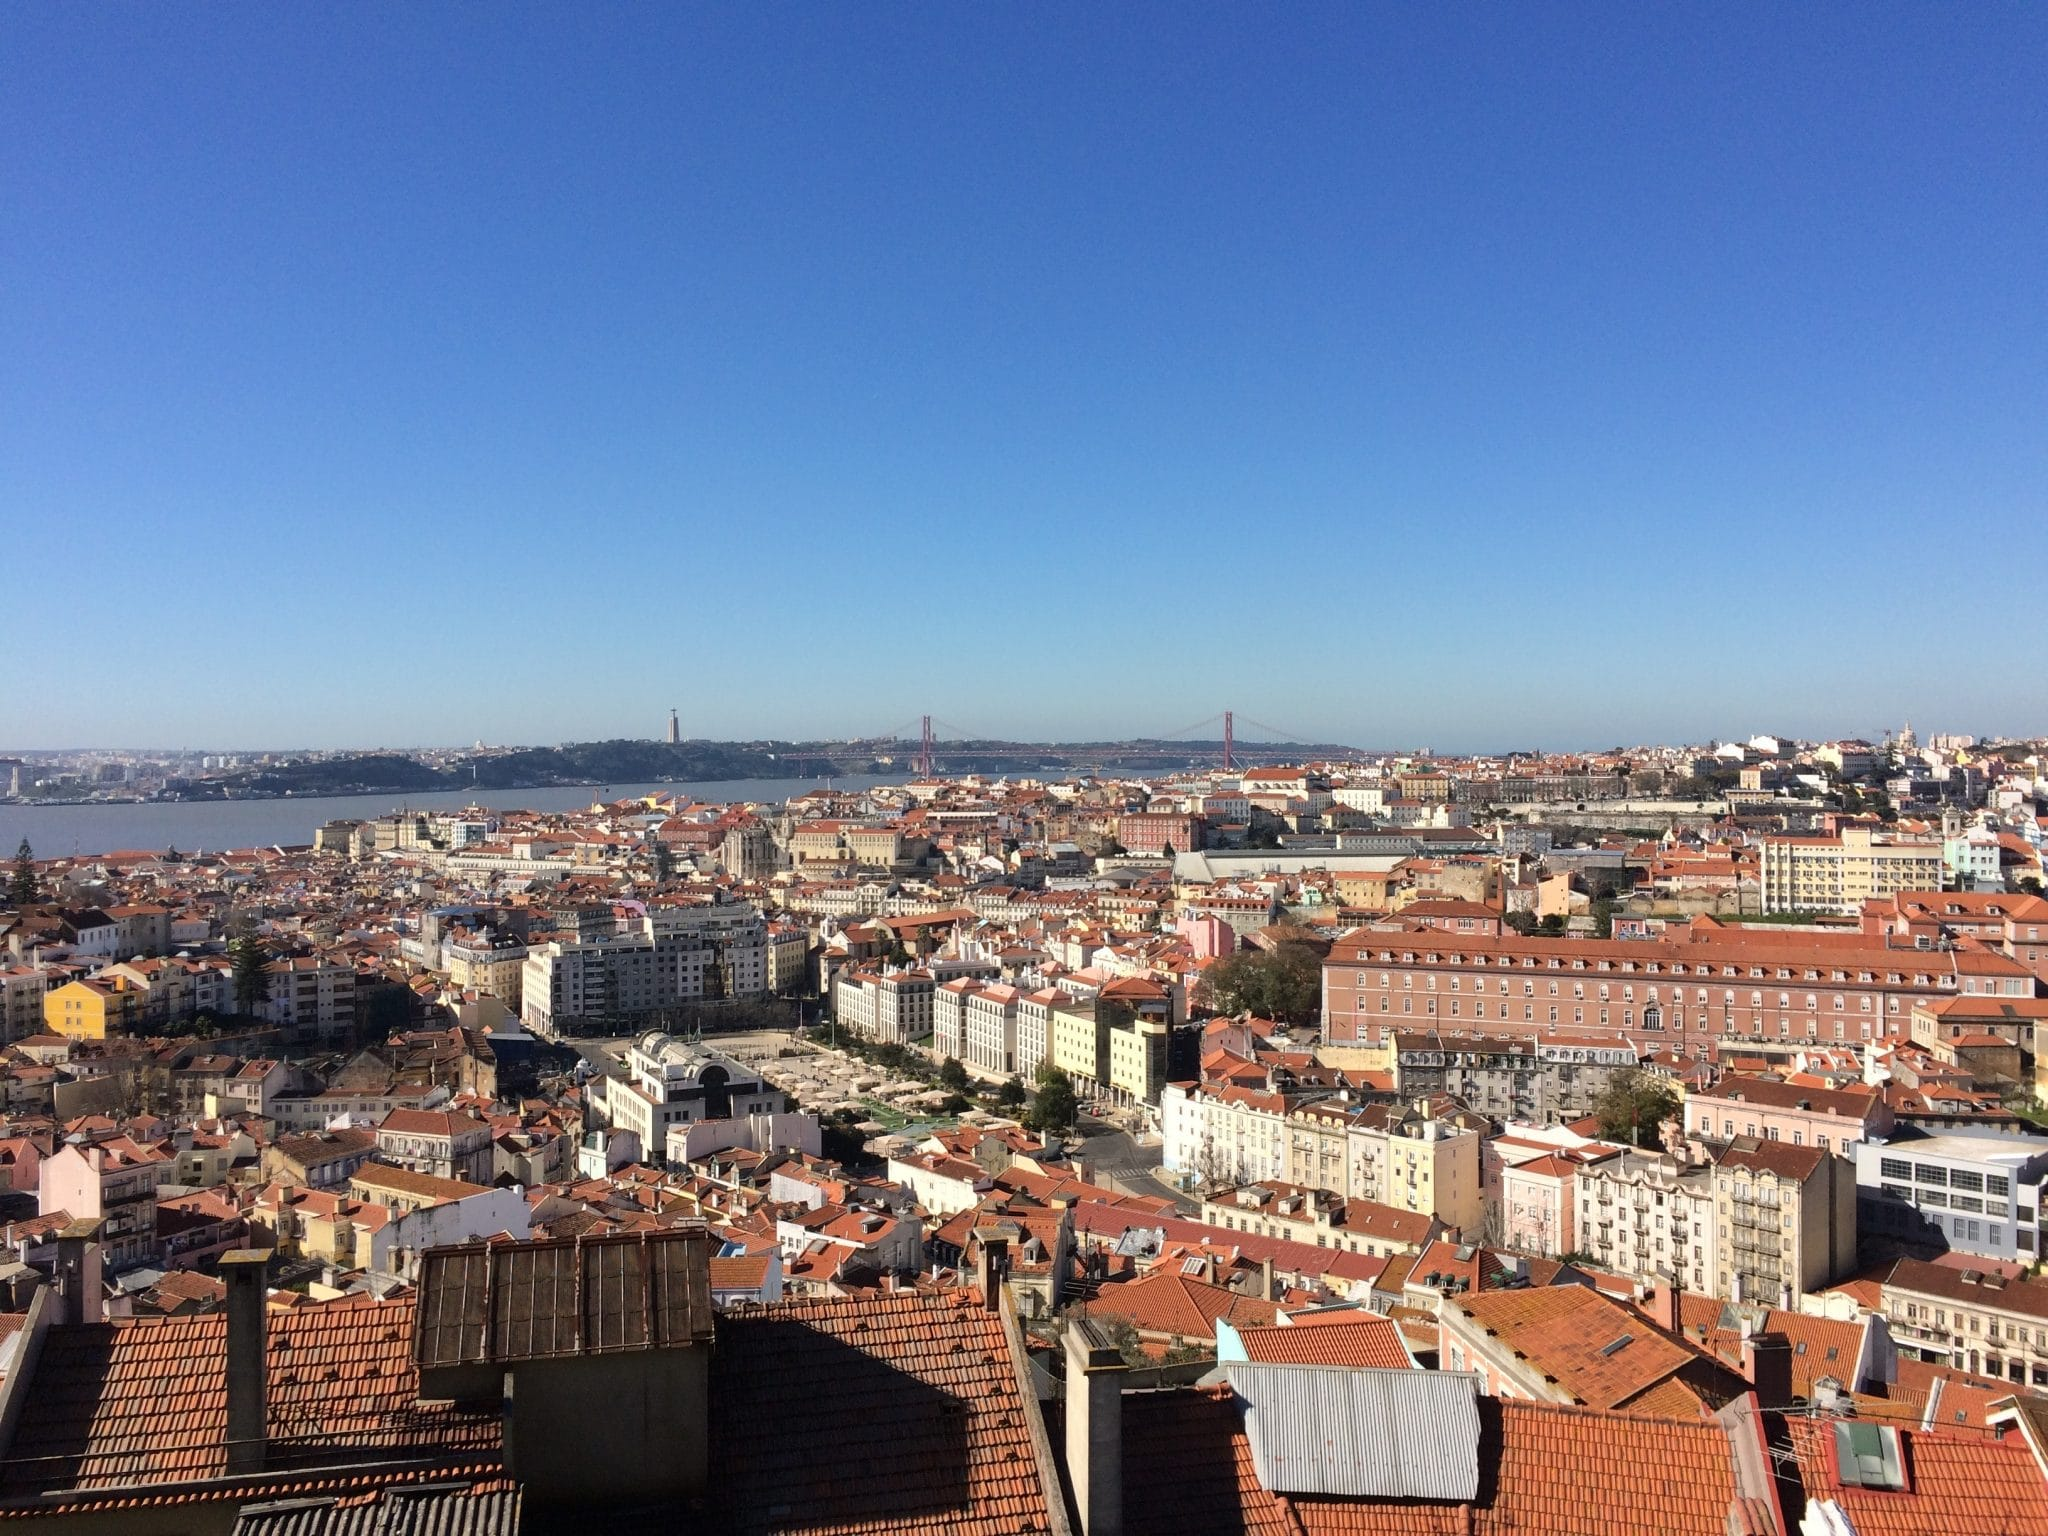 miradouros em Lisboa